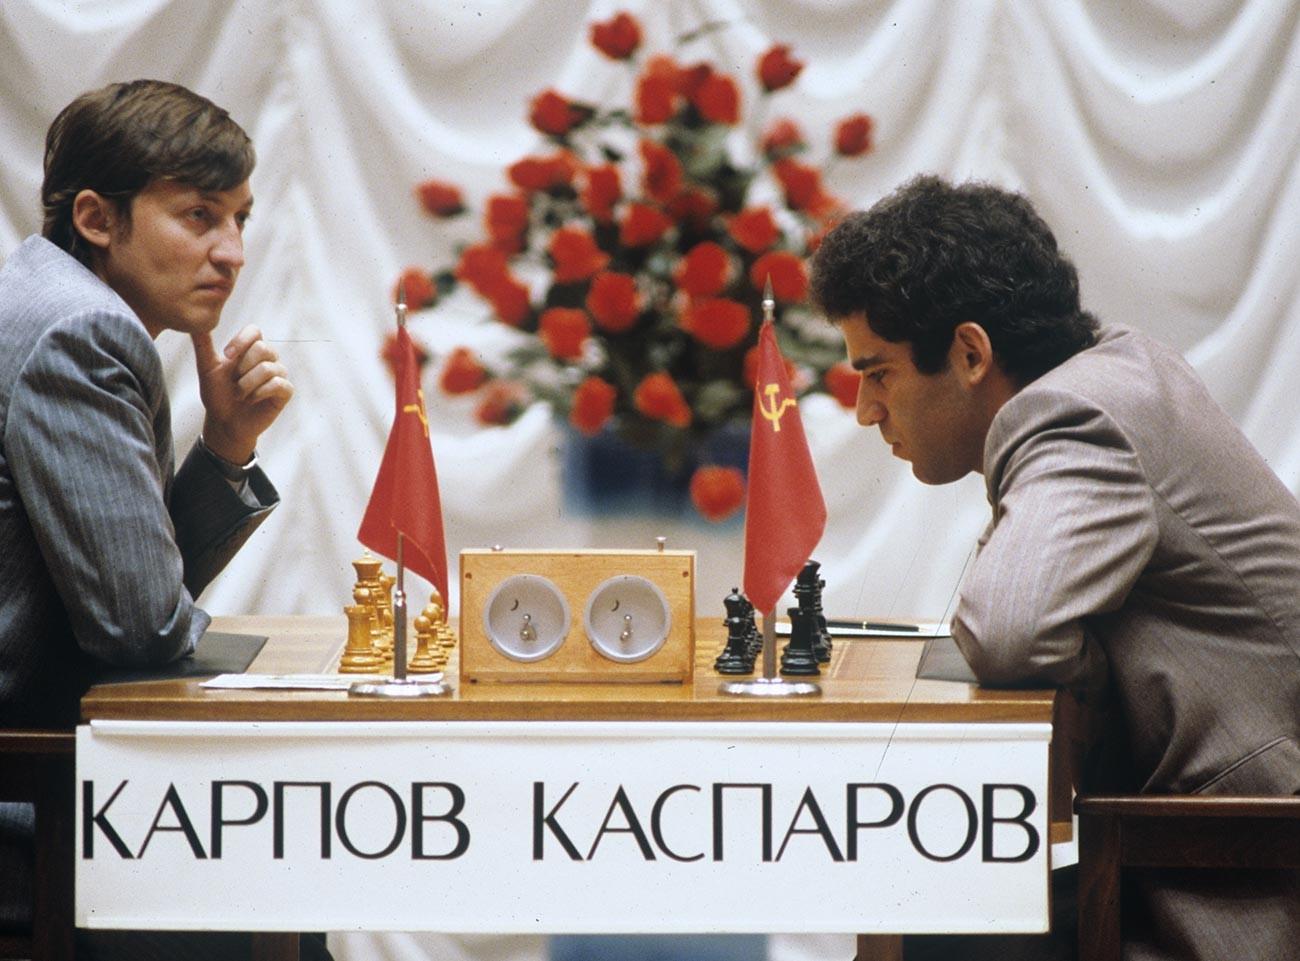 Карпов против Каспарова, 1986.